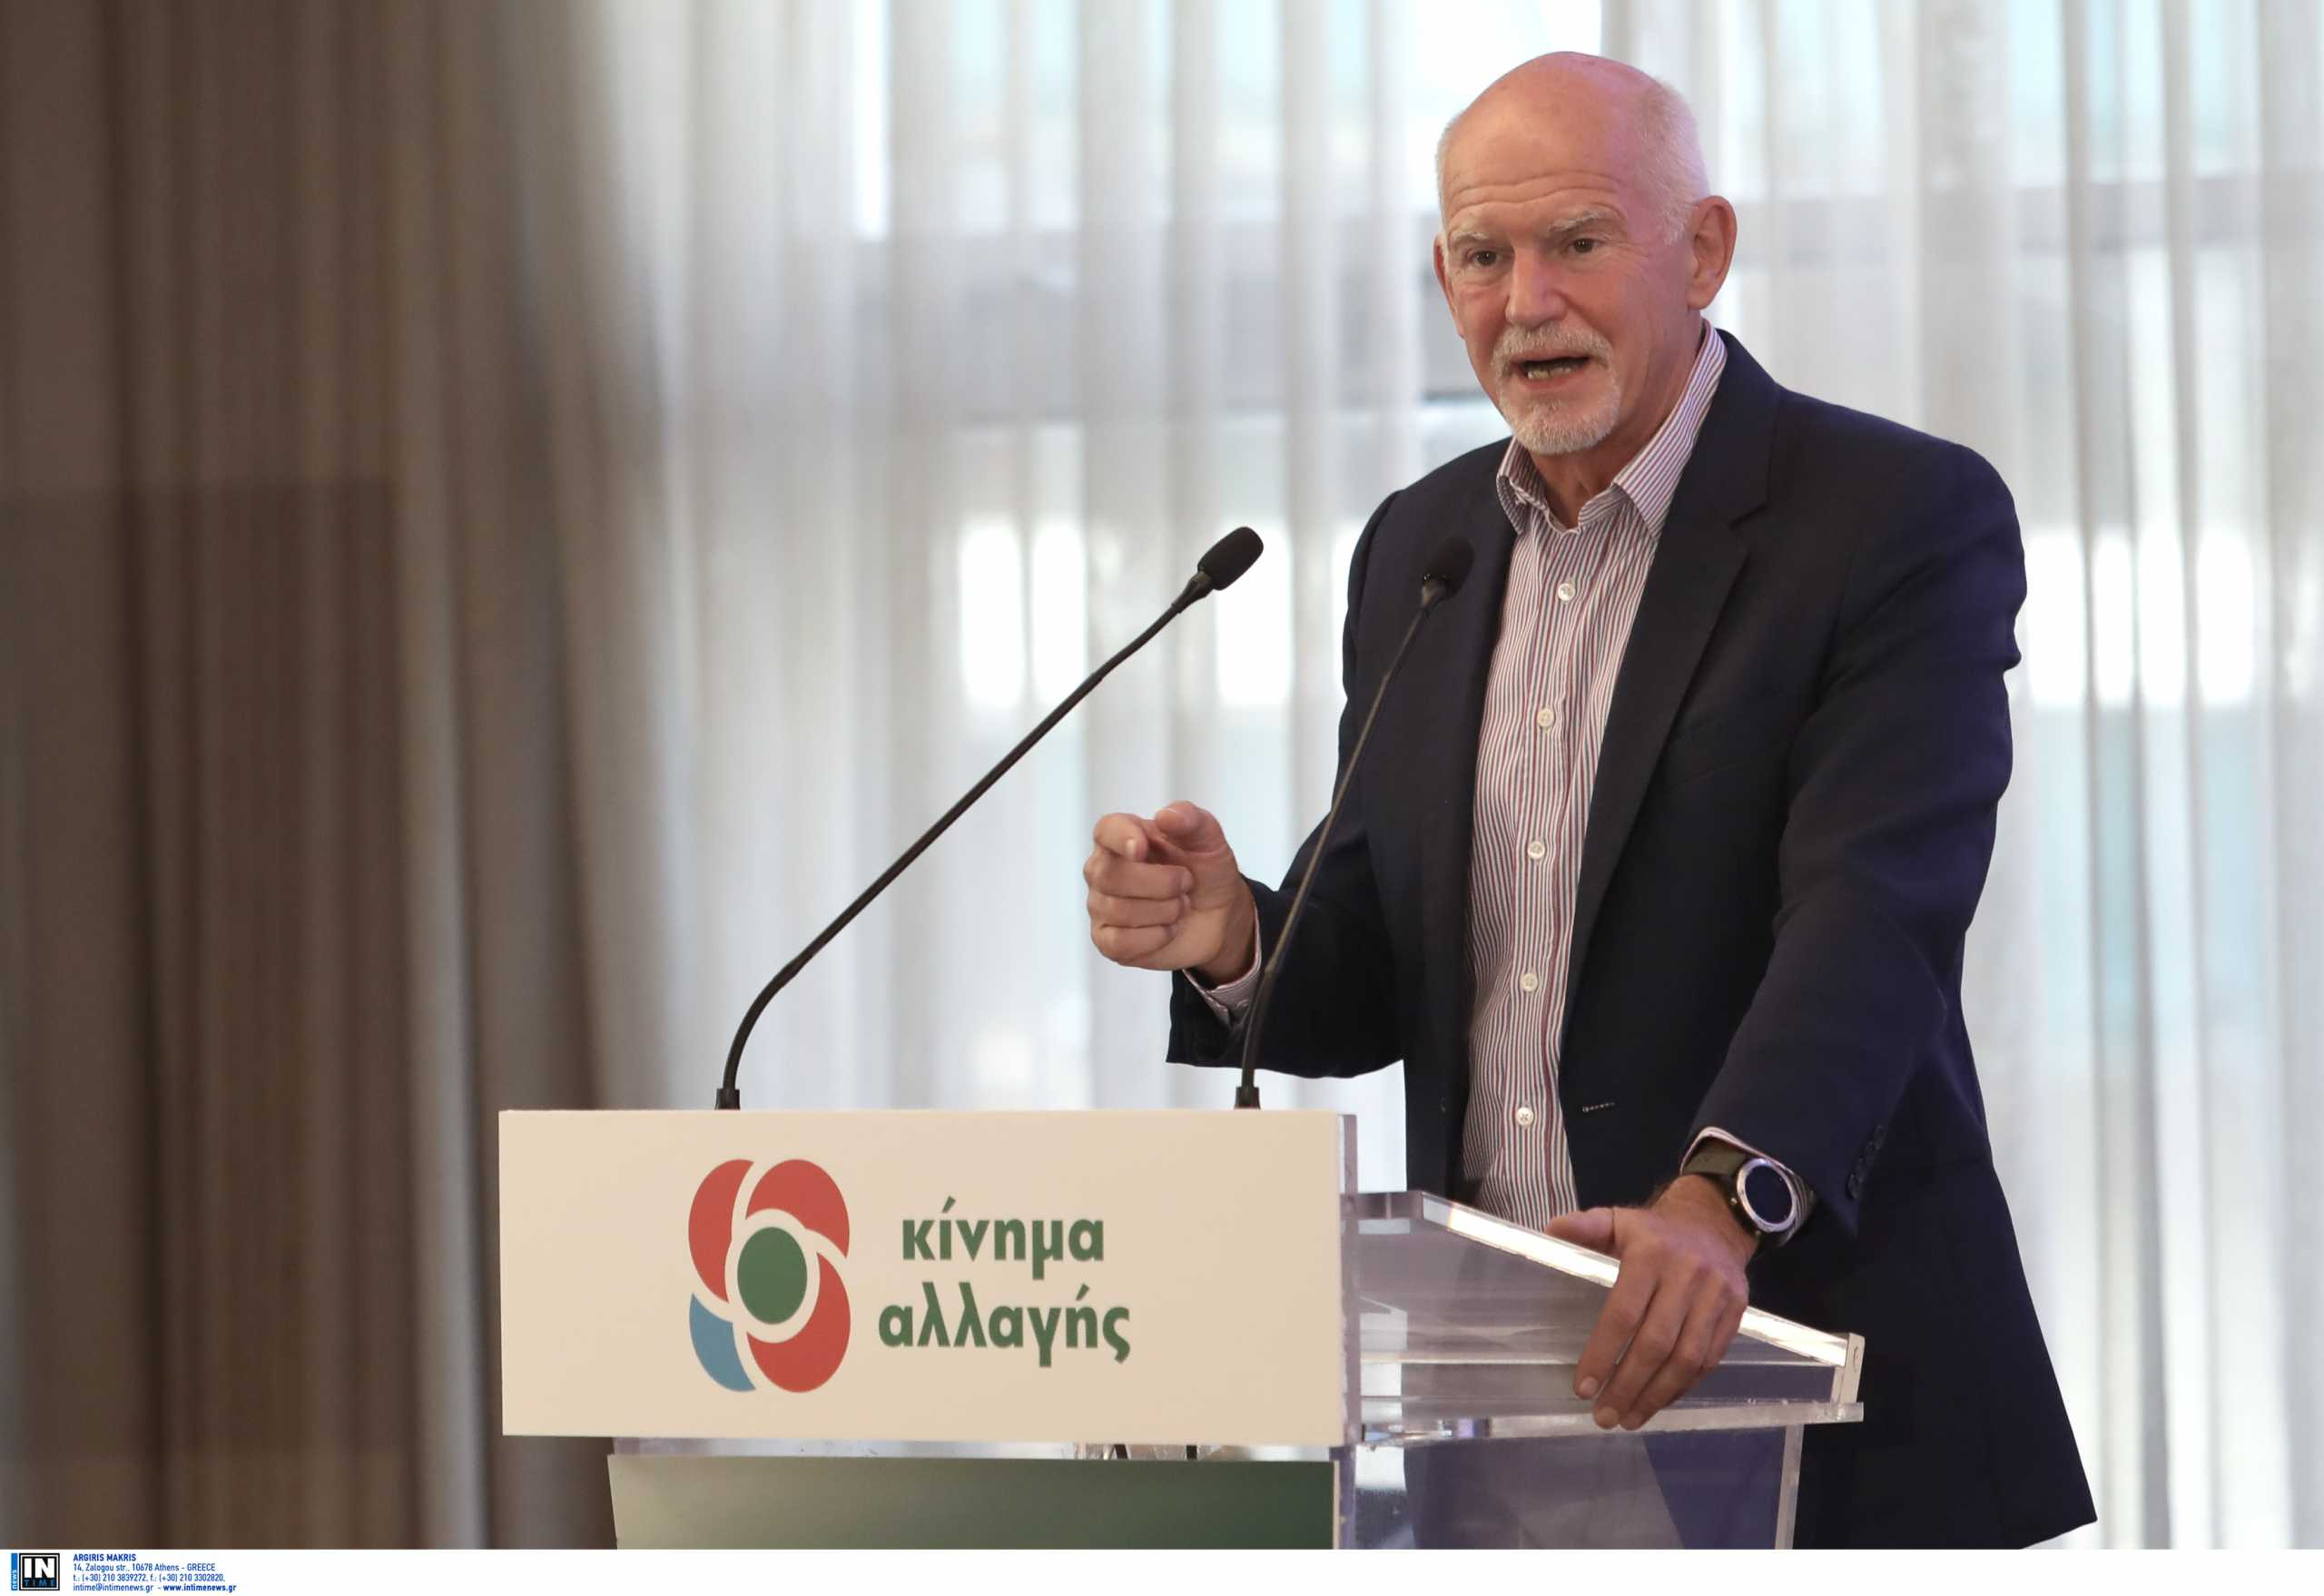 Γιώργος Παπανδρέου για εκλογές στο ΚΙΝΑΛ: Να κάνουμε την παράταξη και πάλι μεγάλη